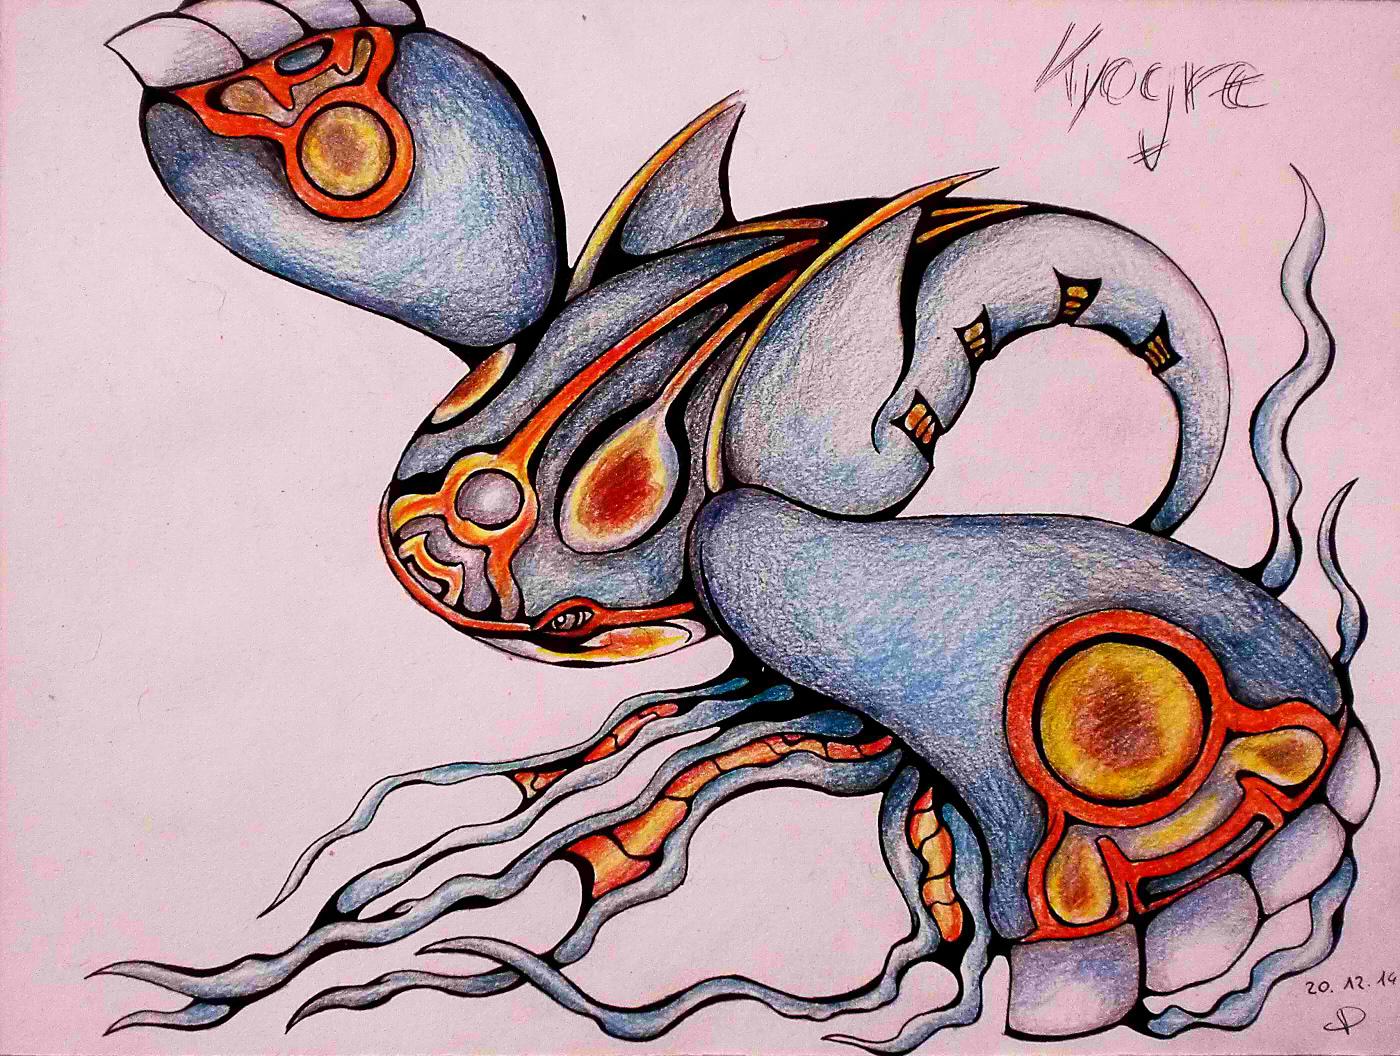 Pokémon-Zeichnung: Fanart no. 101 / Ein Proto-Kyogre!